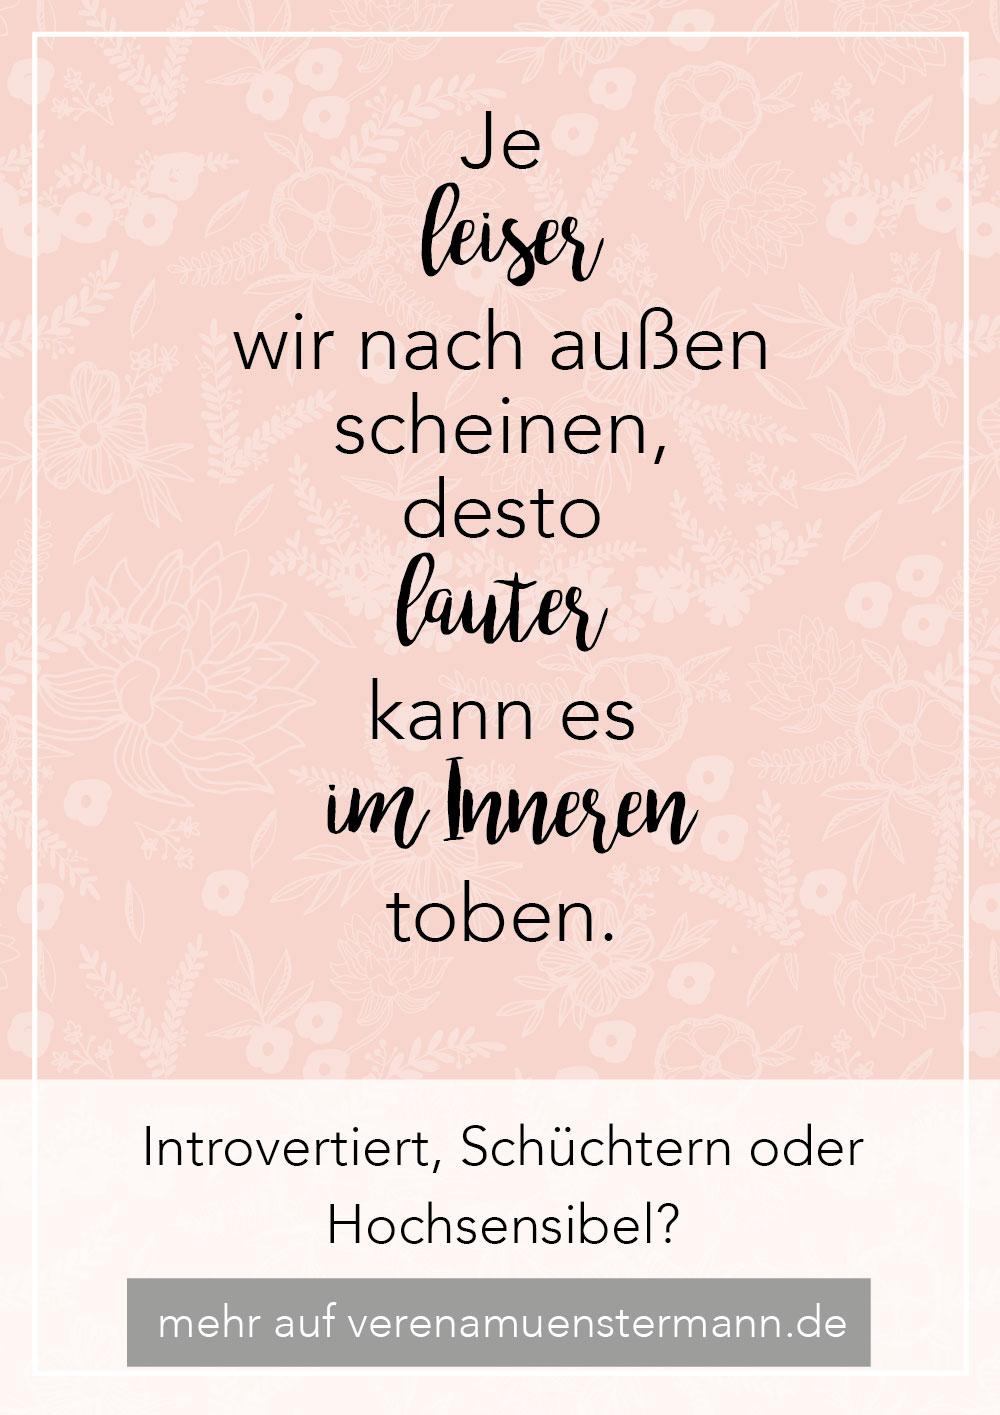 Introversion, Schüchternheit, Hochsensibilität - verenamuenstermann.de